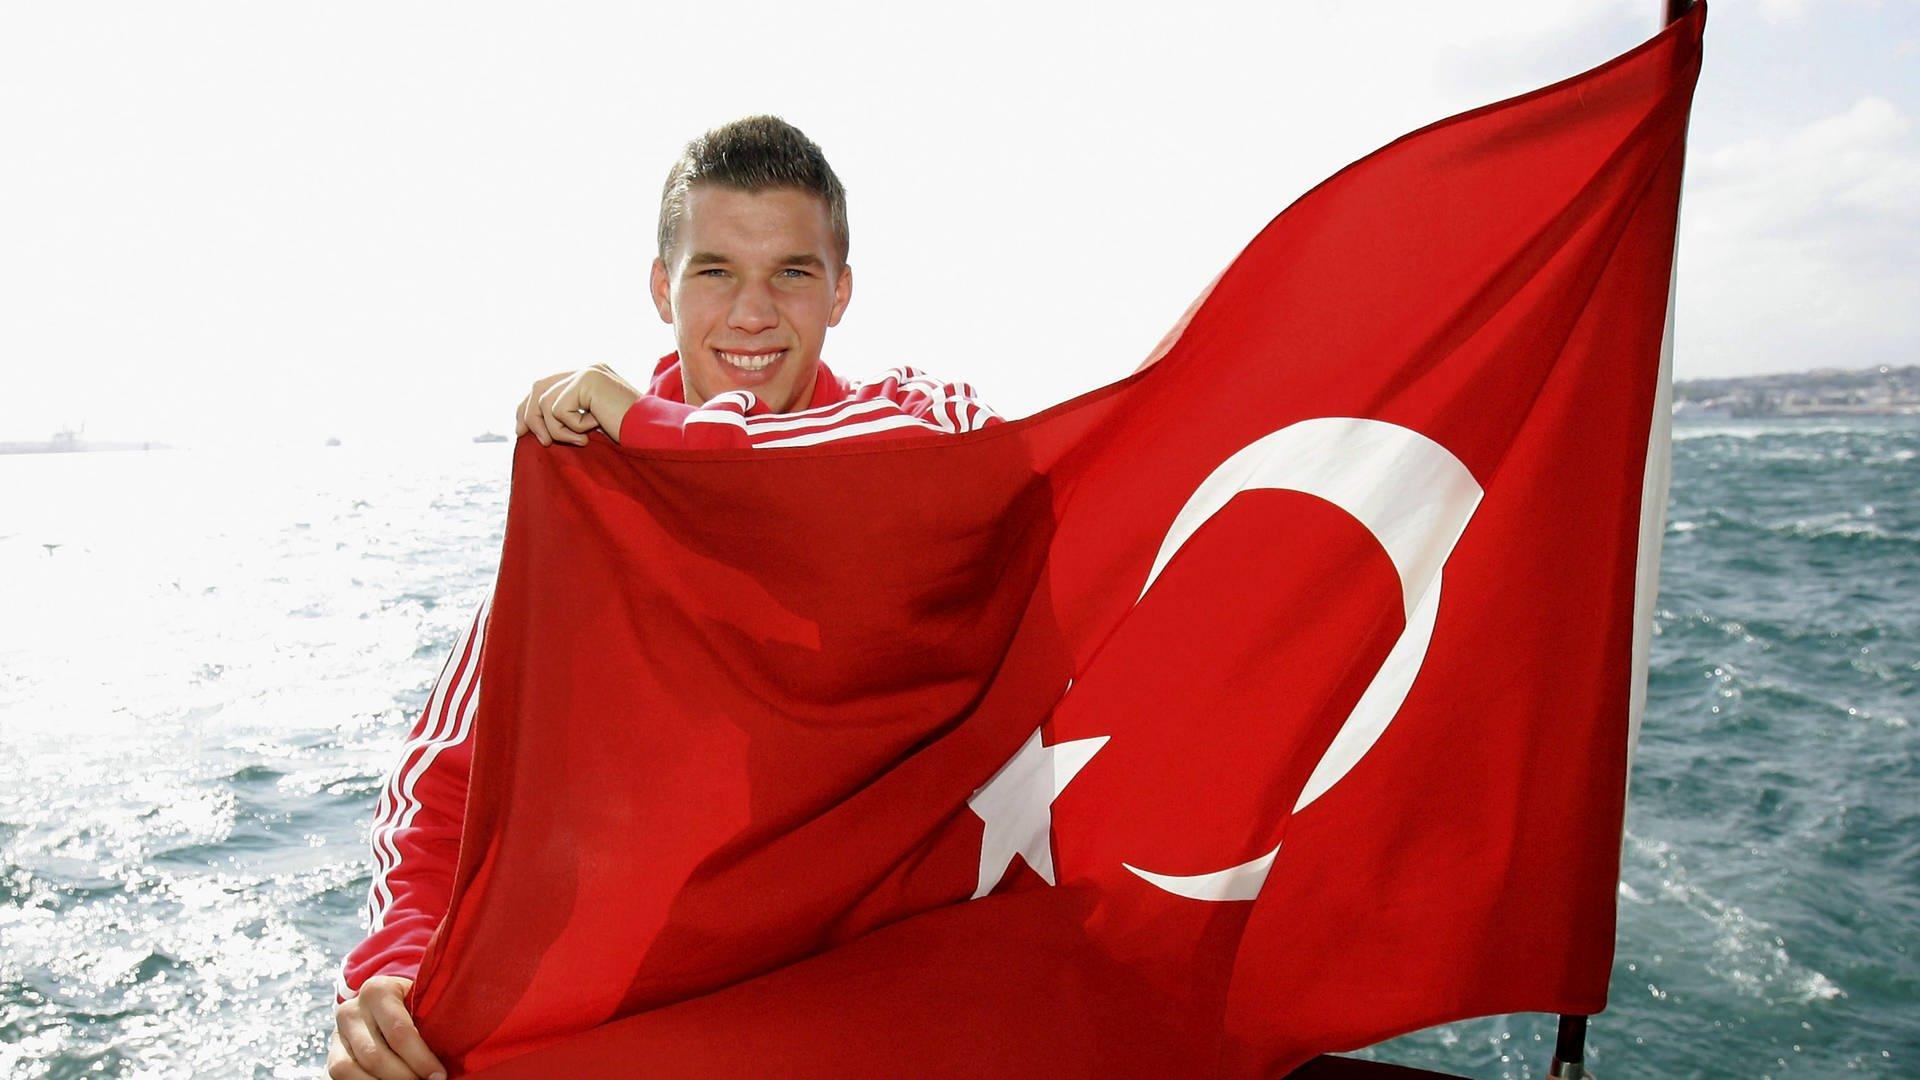 Lukas Podolski Eroffnet Doner In Koln Dasding